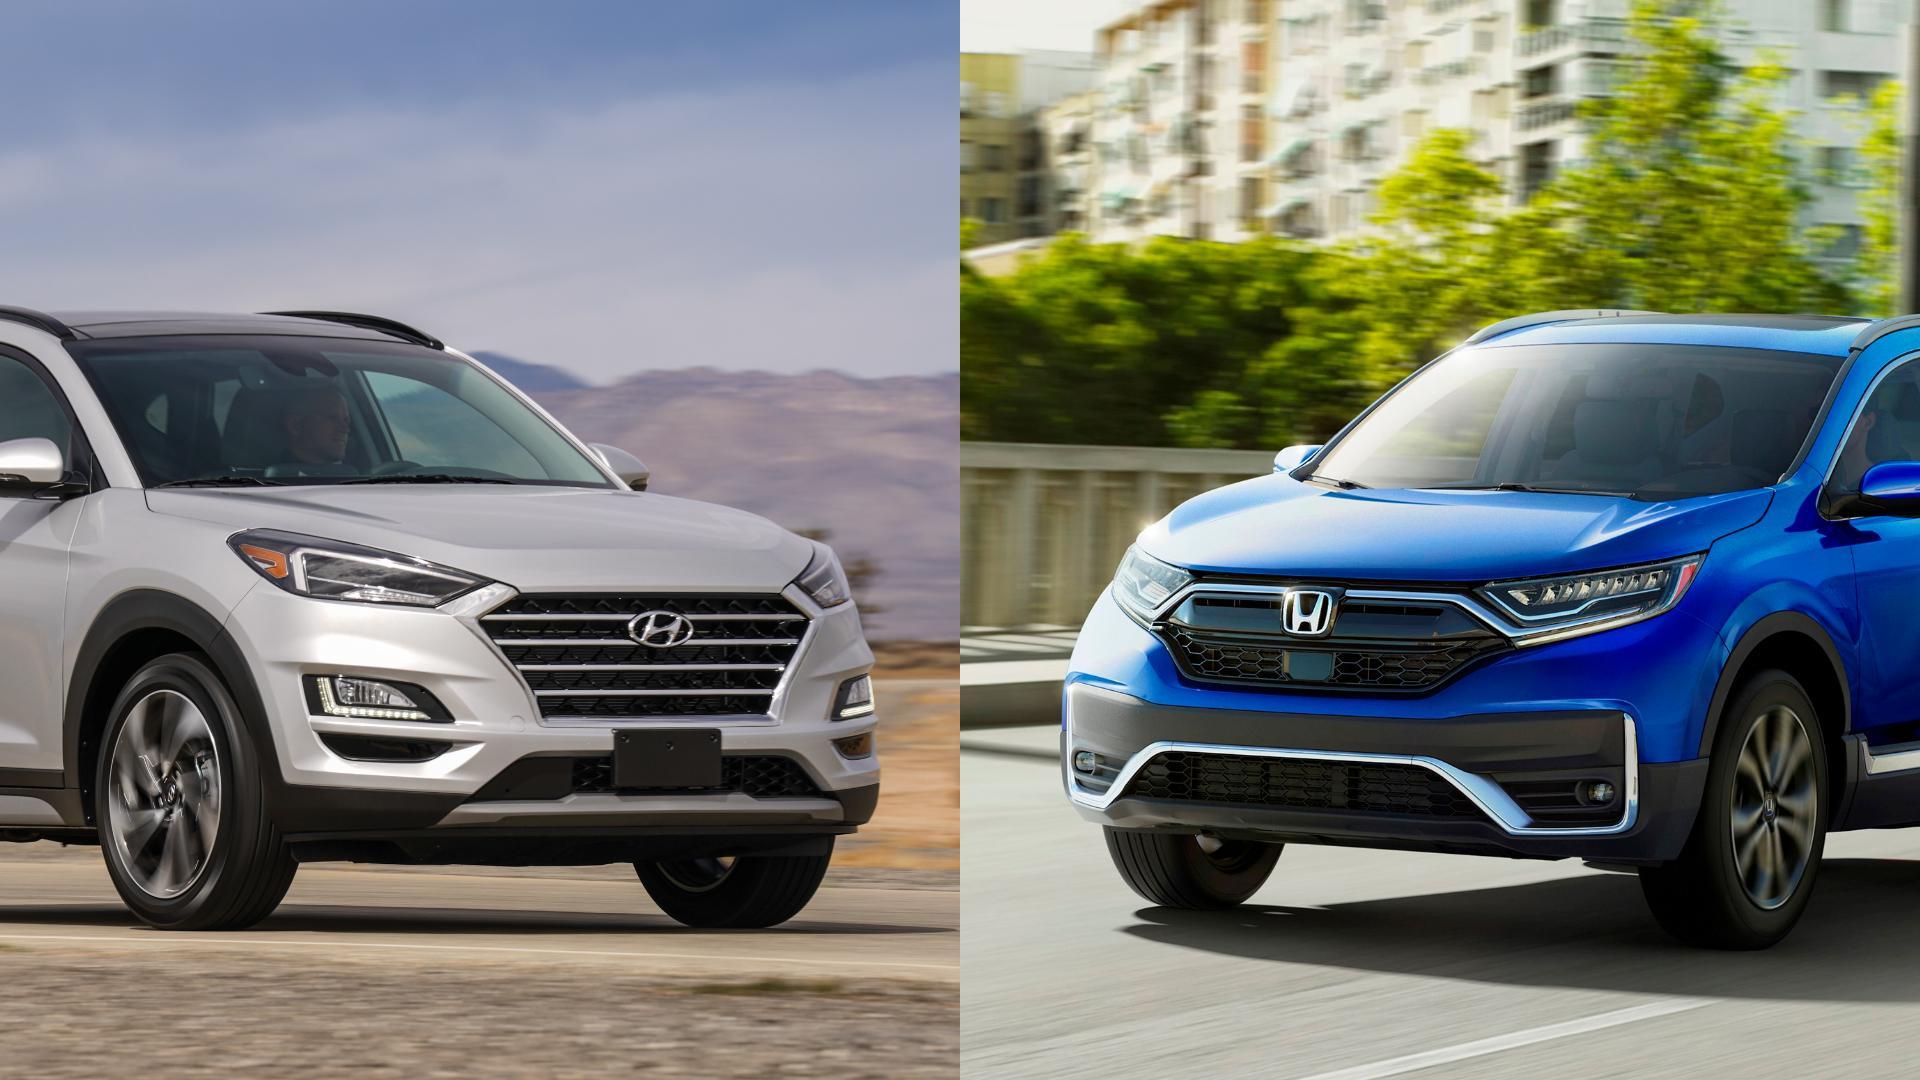 Hyundai Tucson vs Honda CR-V